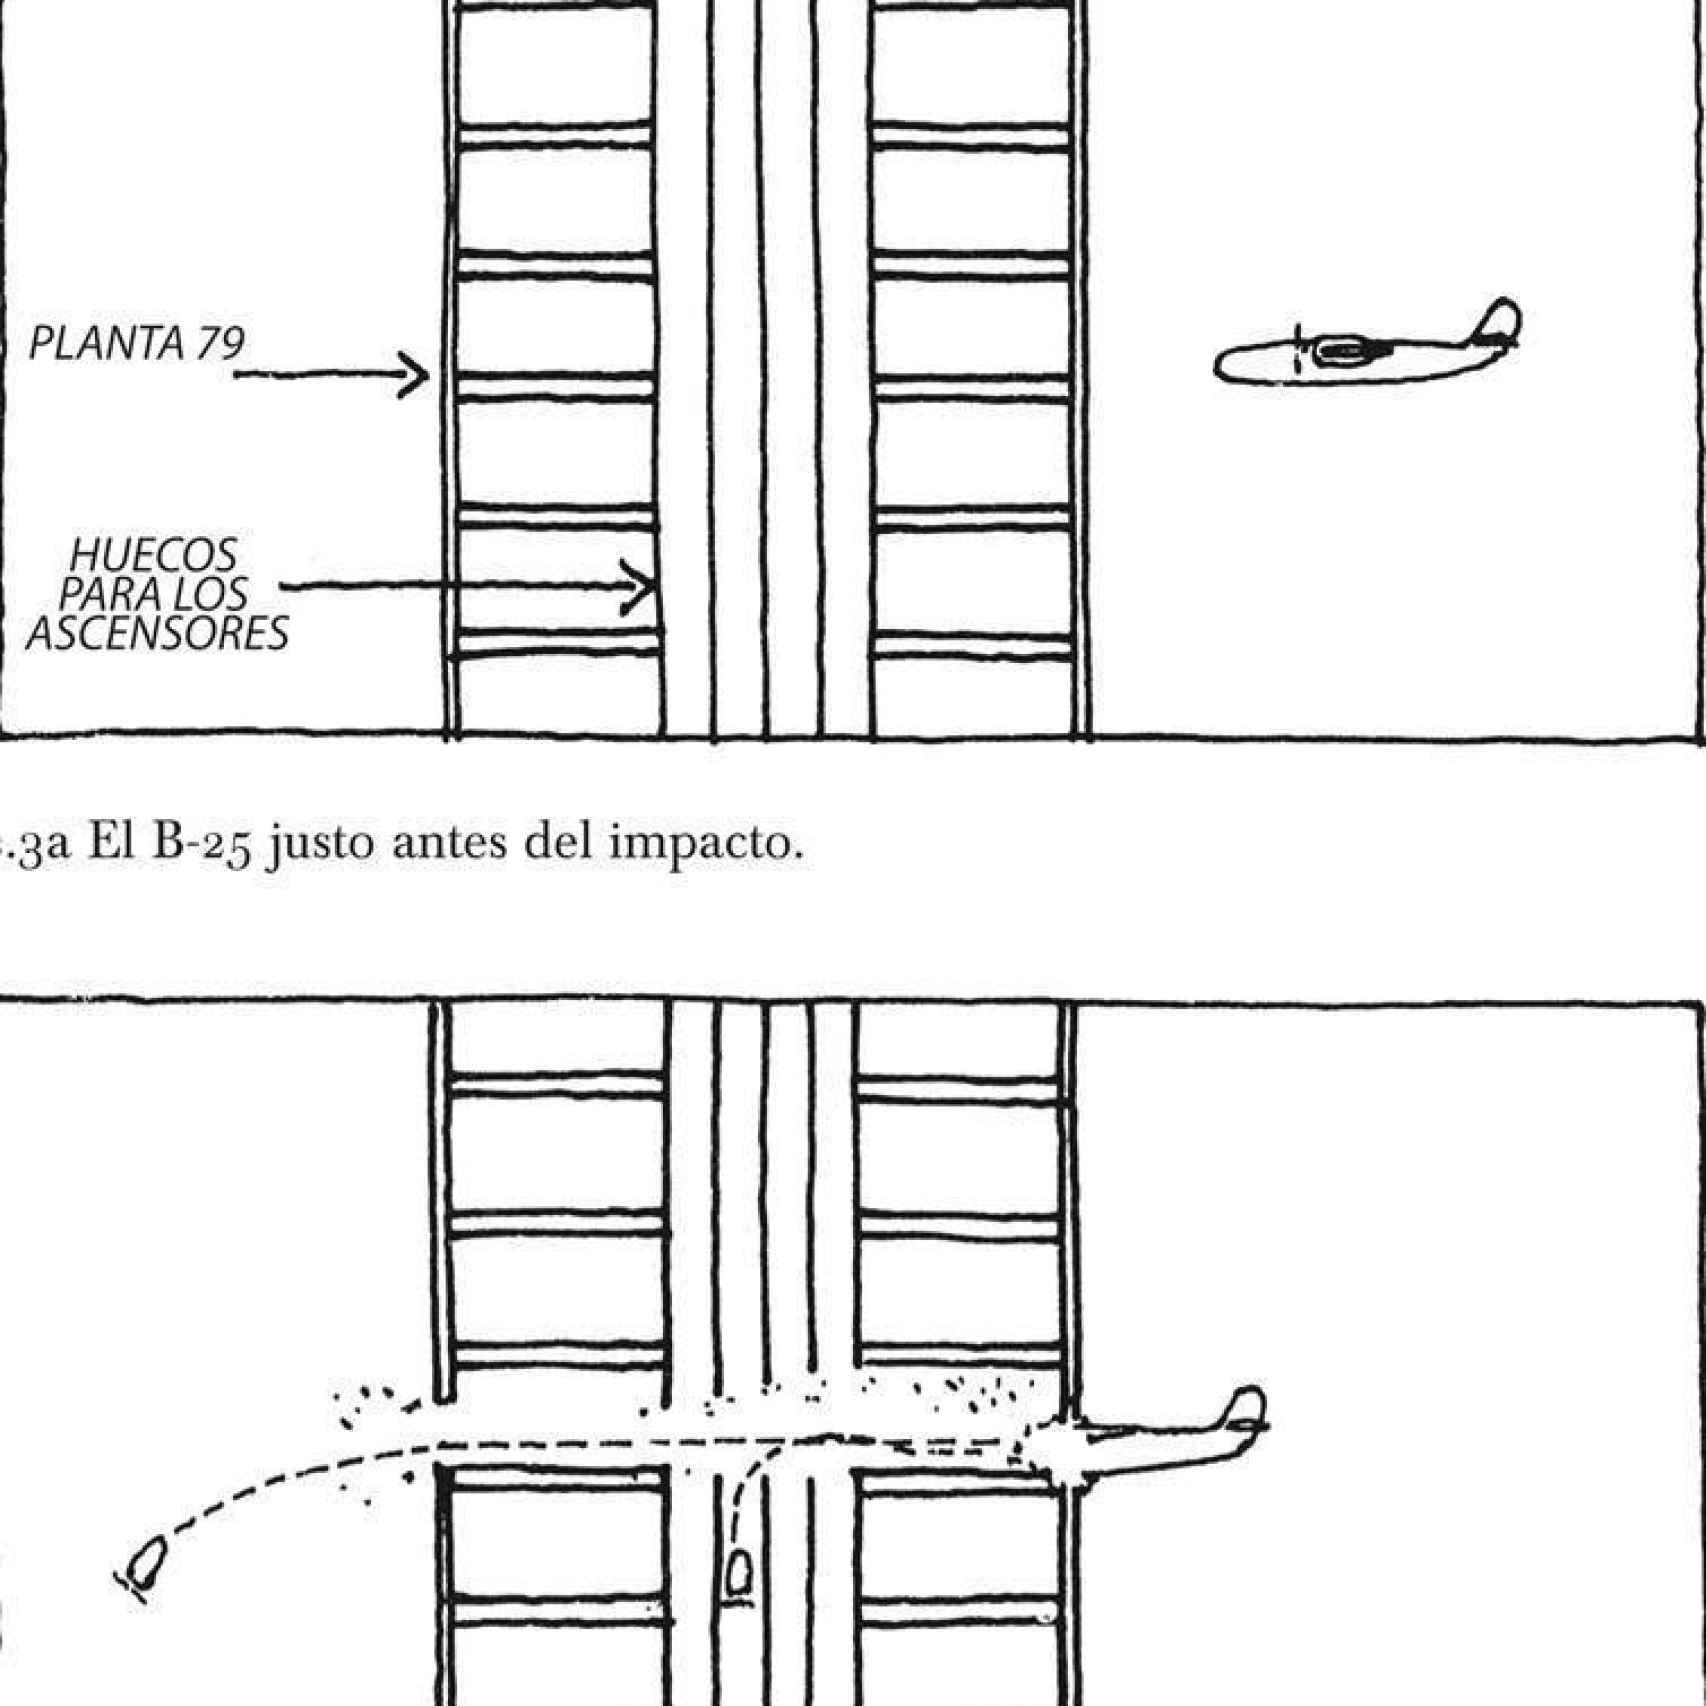 Ilustración de Kevin Woest. Extraída de Por qué se caen los edificios, de M. Levy y M. Salvadori, Turner, 2015.